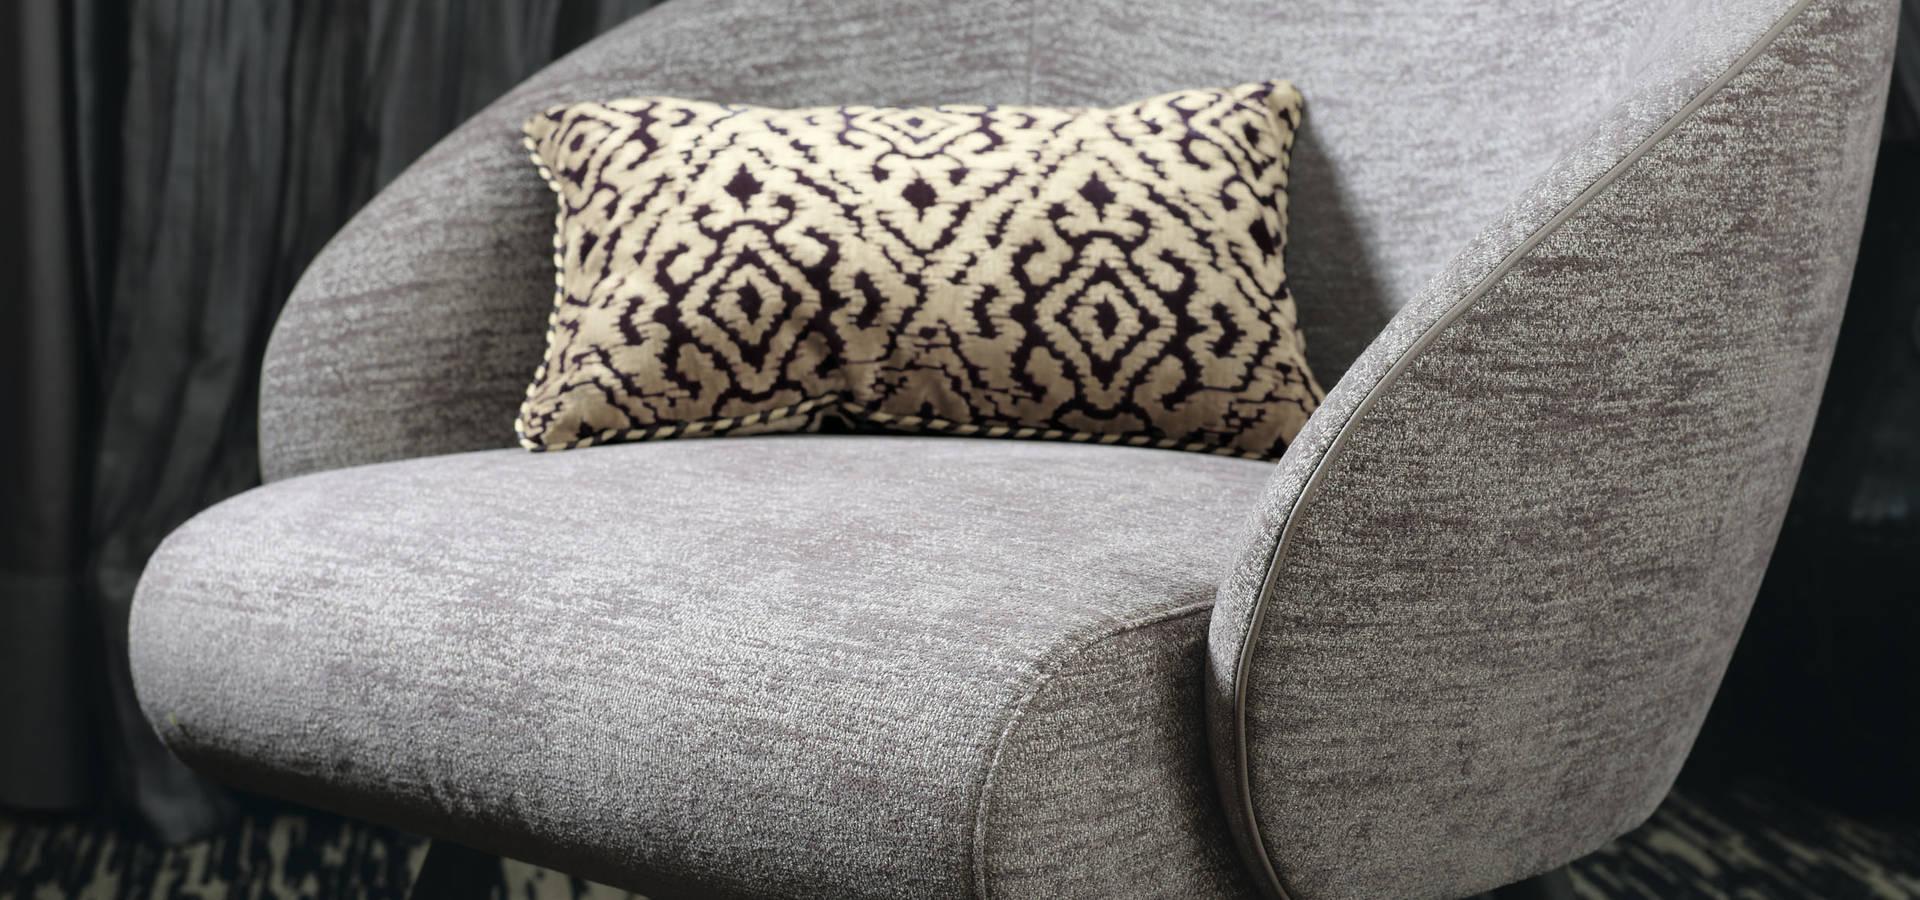 Wohlgenannt Raum & Textil